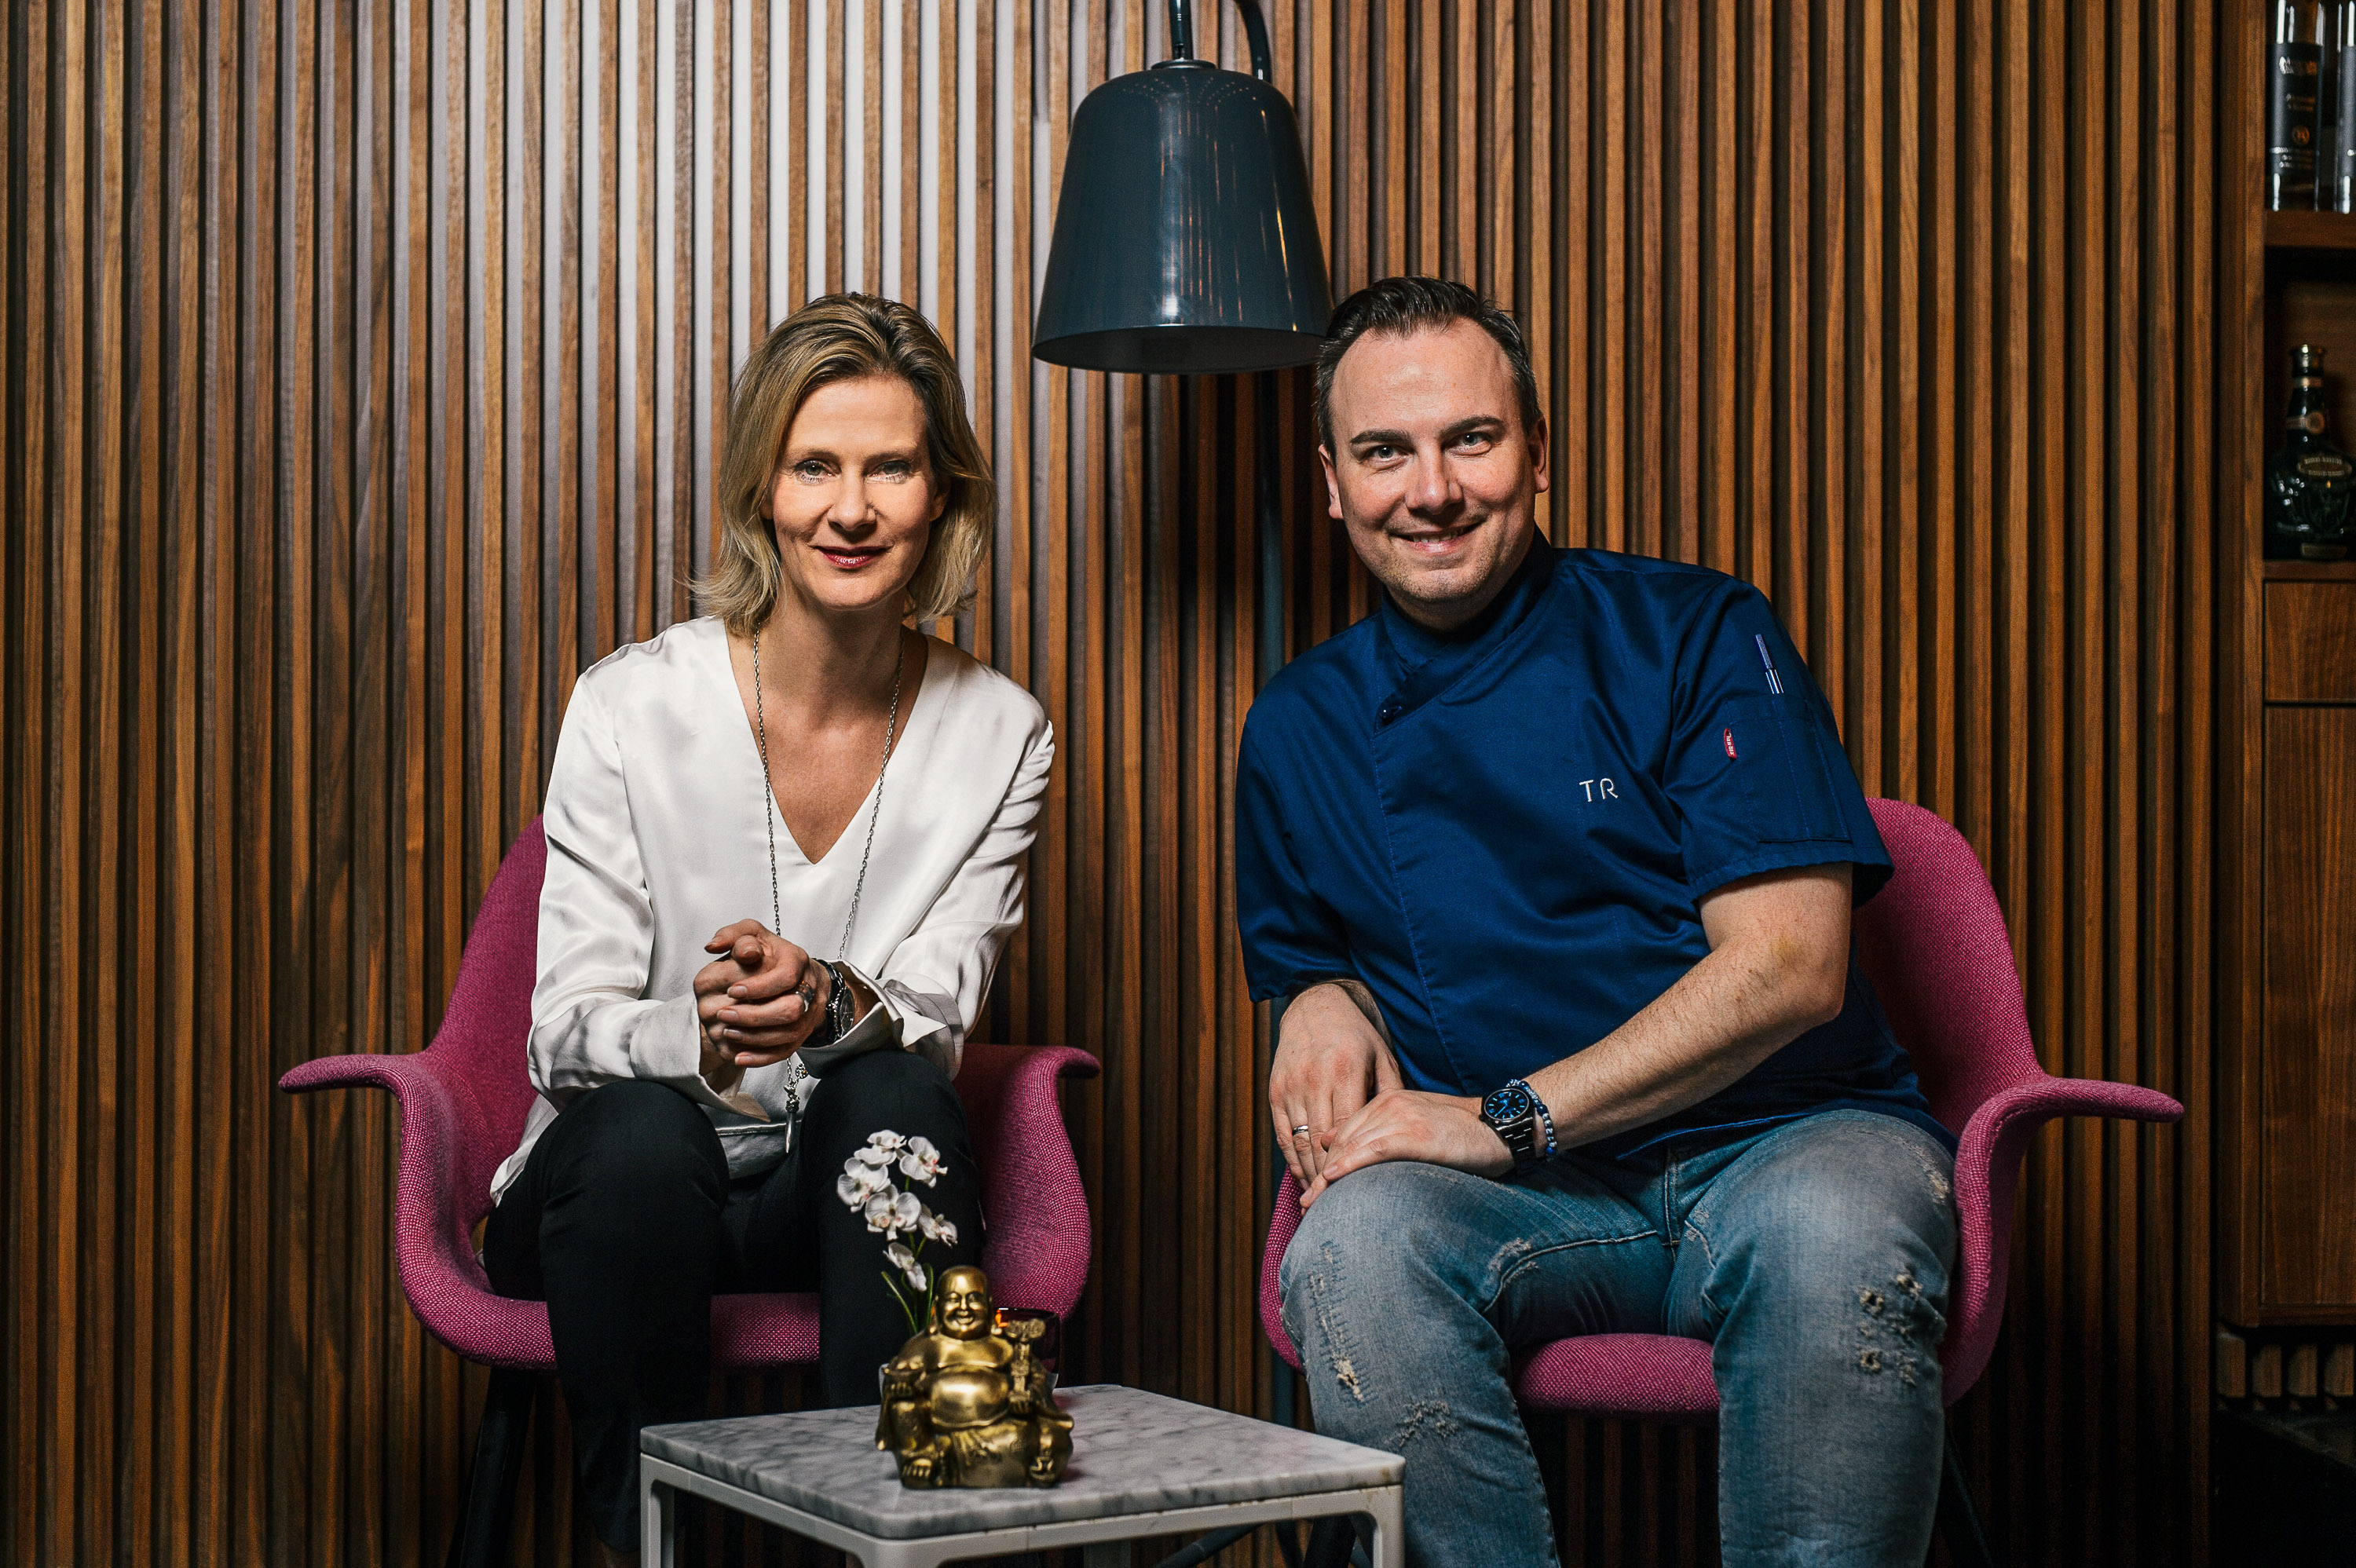 Gemeinsame Sache - Wybcke Meier, CEO von TUI Cruises, und Tim Raue, Sternekoch